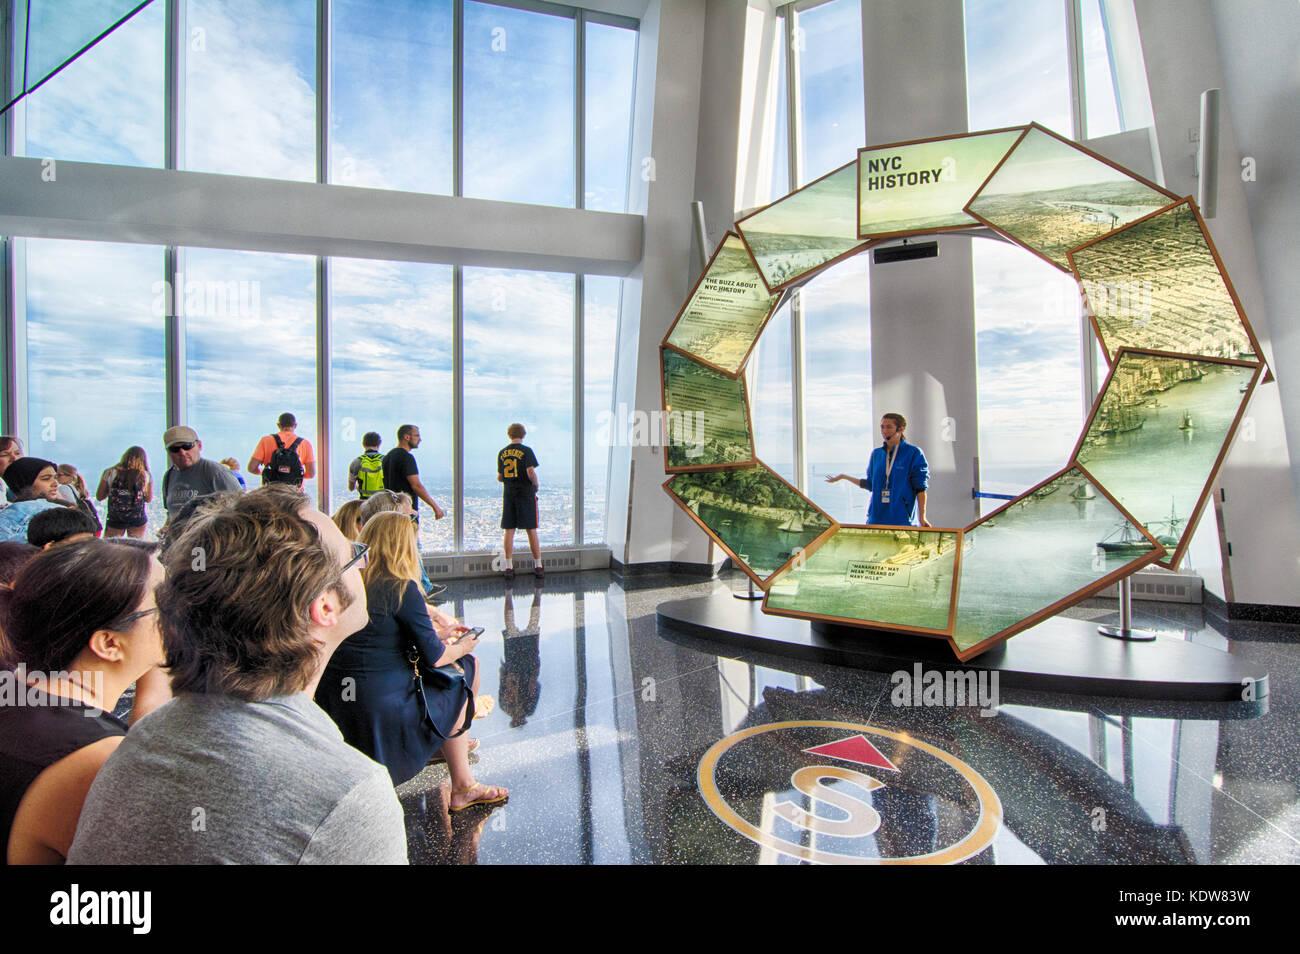 Un guía turístico, educa a los turistas visitantes sobre la historia de la ciudad de Nueva York en un observatorio mundial, en el World Trade Center, New York, NY, EE.UU. Foto de stock